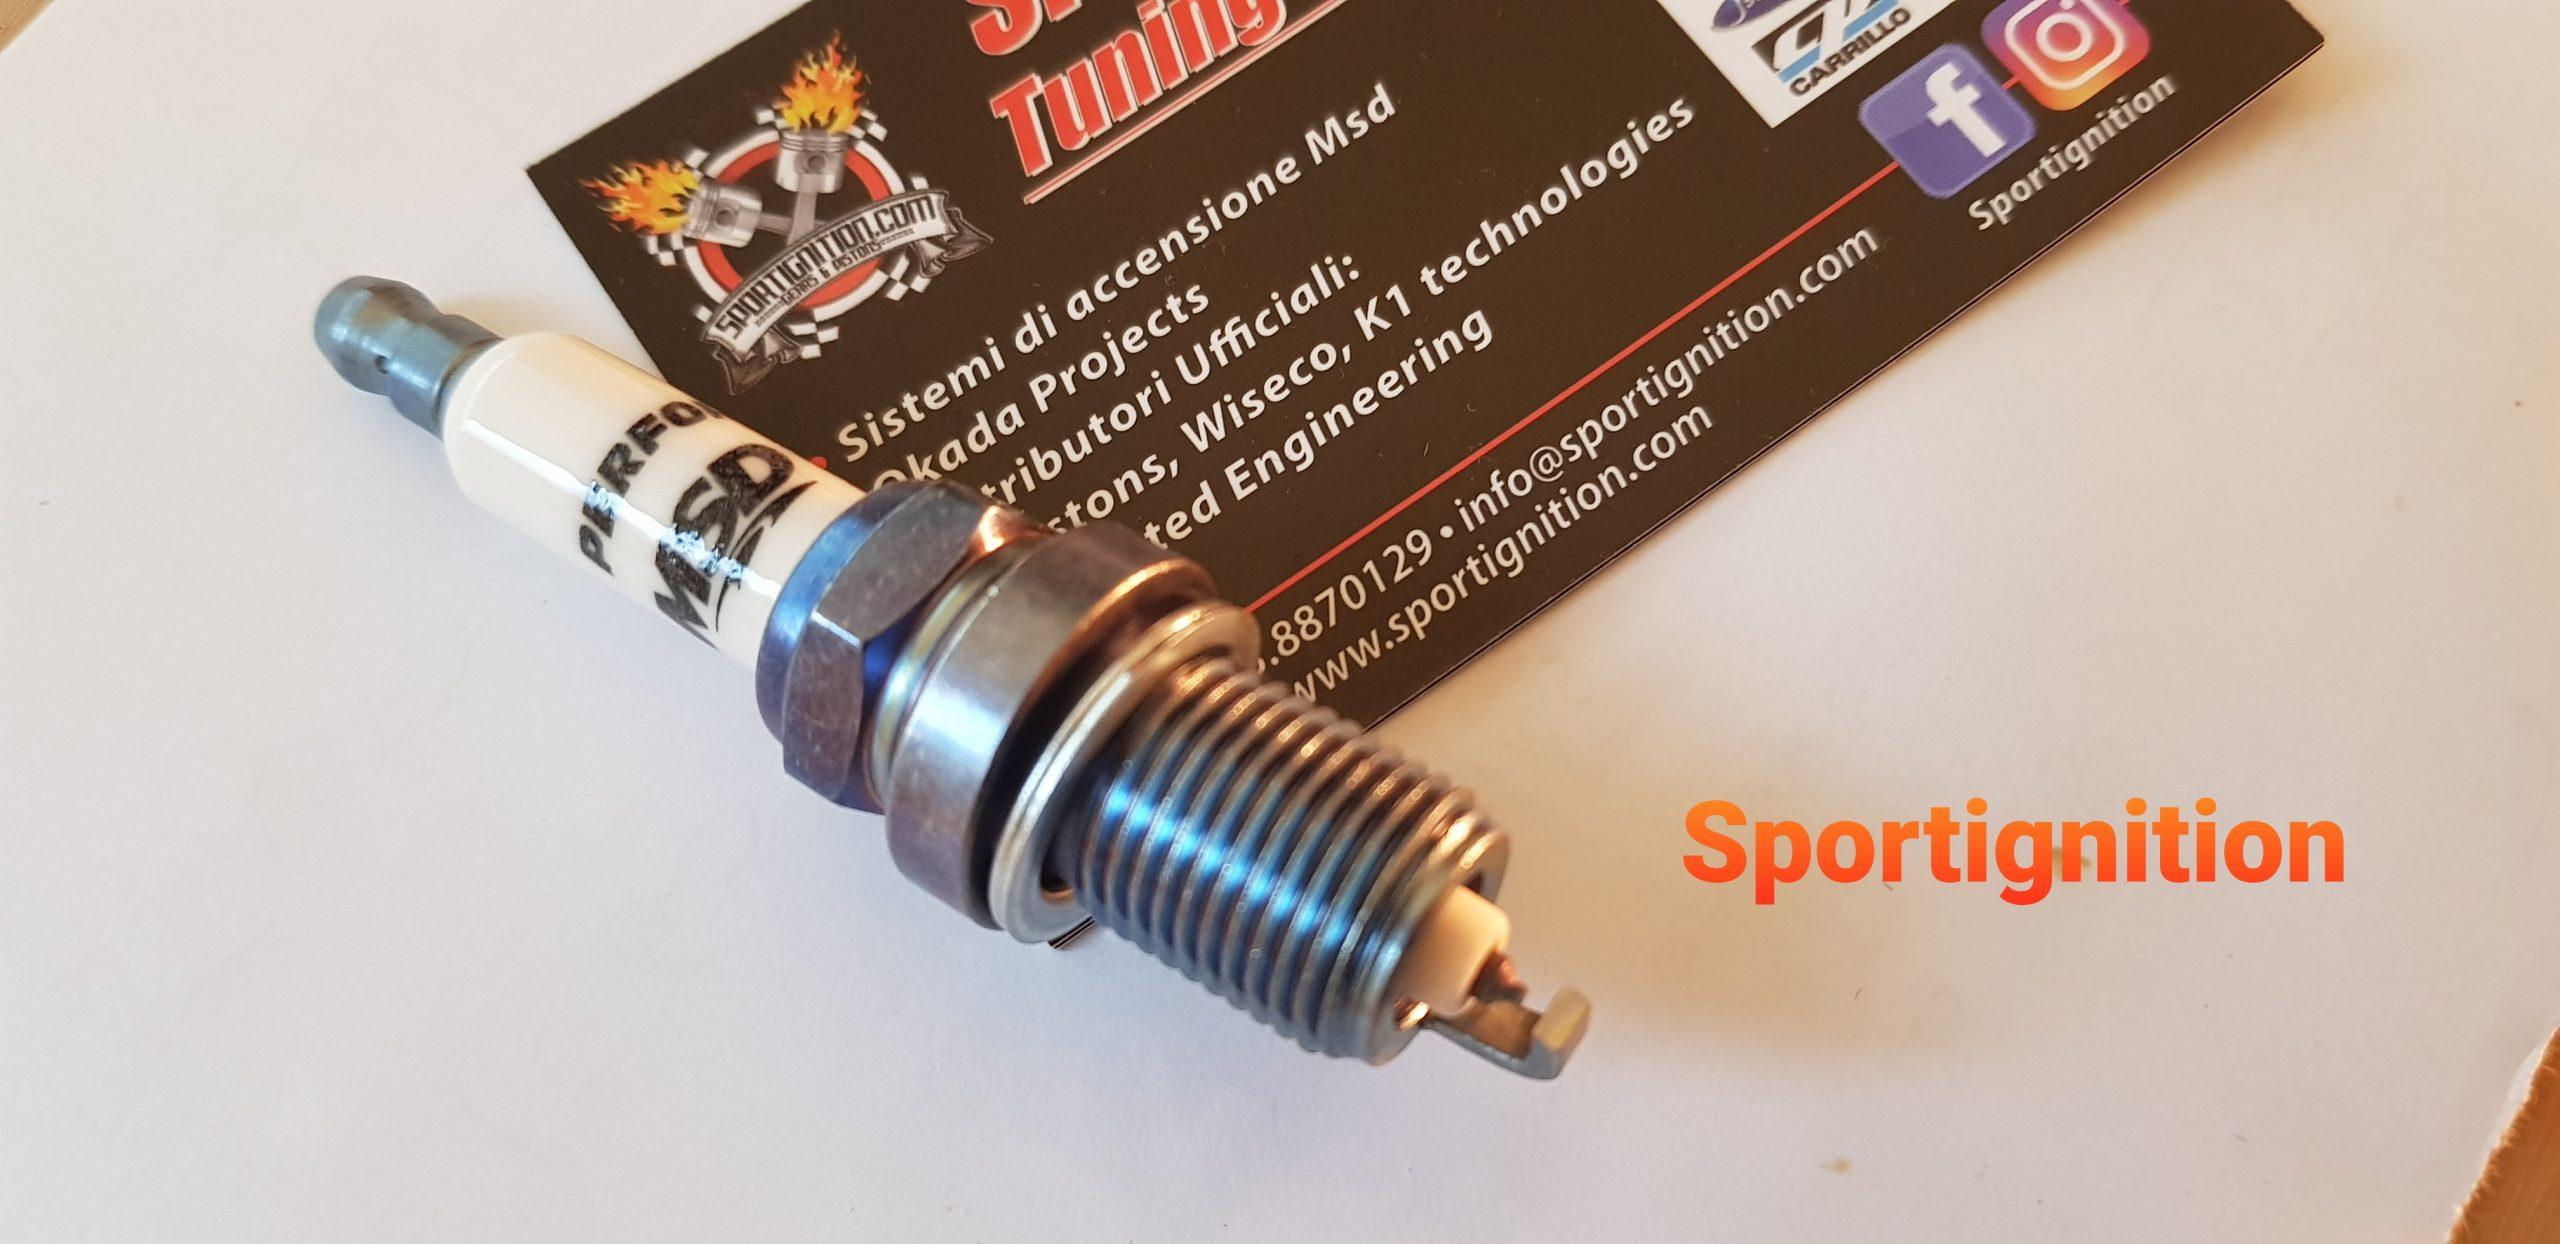 Msd Iridium Spark plug thermal grade 6 Fiat Uno Punto Gt Turbo